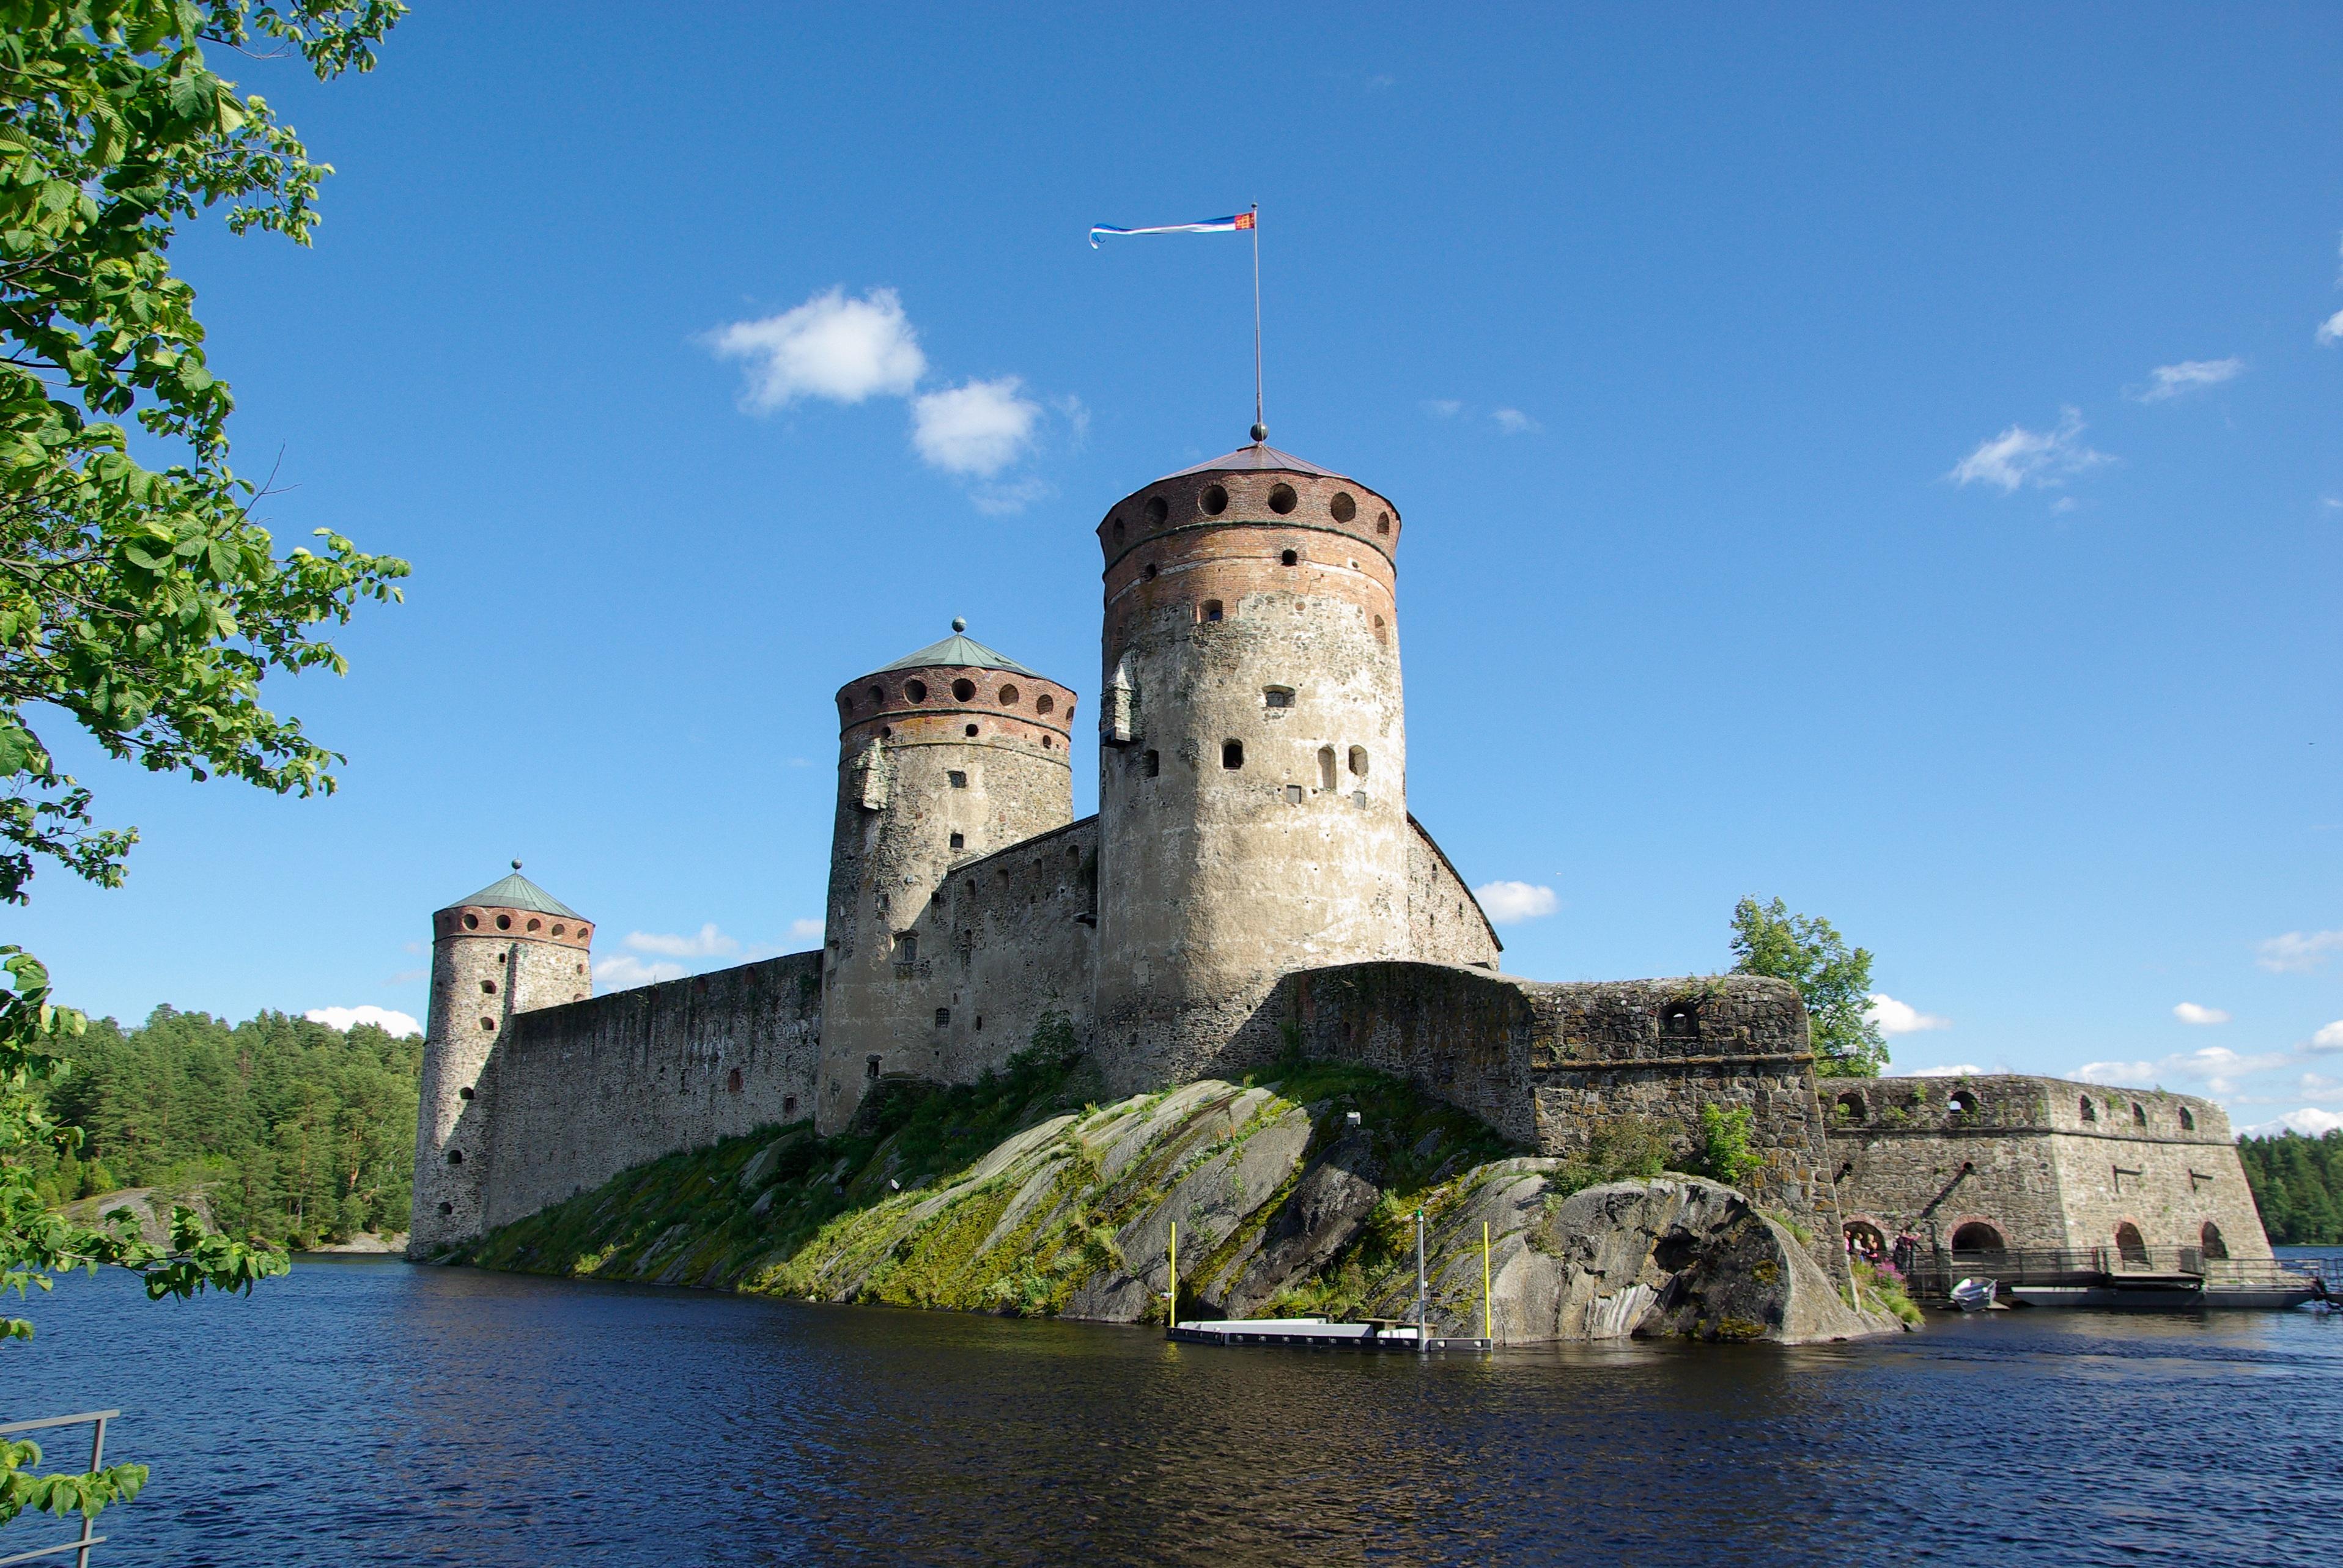 Fortress in Savonlinna, Finland.